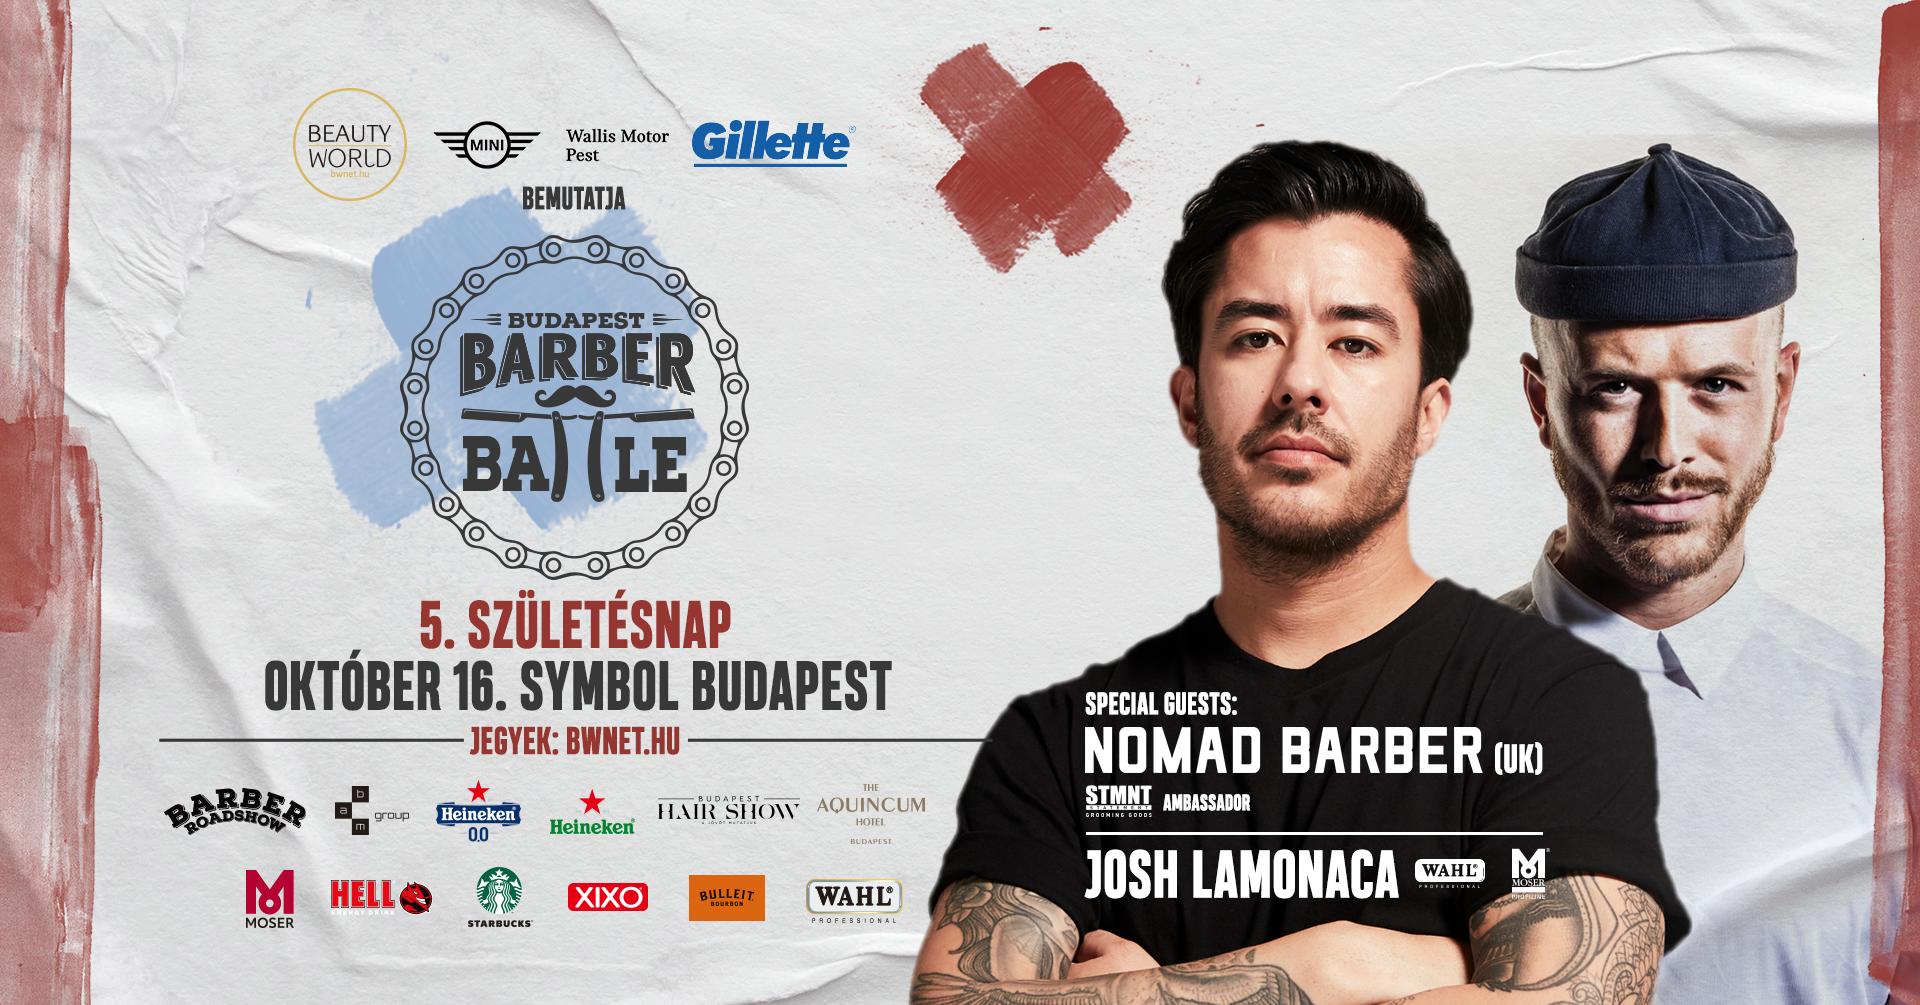 Magyarország legnagyobb pénzdíjazású fodrász- és borbély versenye idén 5. születésnapját ünnepli. A Barber Battle Budapest méltó helyszínt ad a szakmai találkozásra, fejlődésre. Ma már nem csupán verseny, hanem egy olyan hely, ahol a tanulás, verseny, party együttese összehozza a szakmát. Érkezik a nemzetközi STMNT nagykövet @Nomadbarber és óriási hír, hogy Josh Lamonaca annyira jól érezte magát a Budapest Hair Show-n, hogy ő maga is személyesen ellátogat a Barber Battle Budapest 5. születésnapjára!<br /> <br />